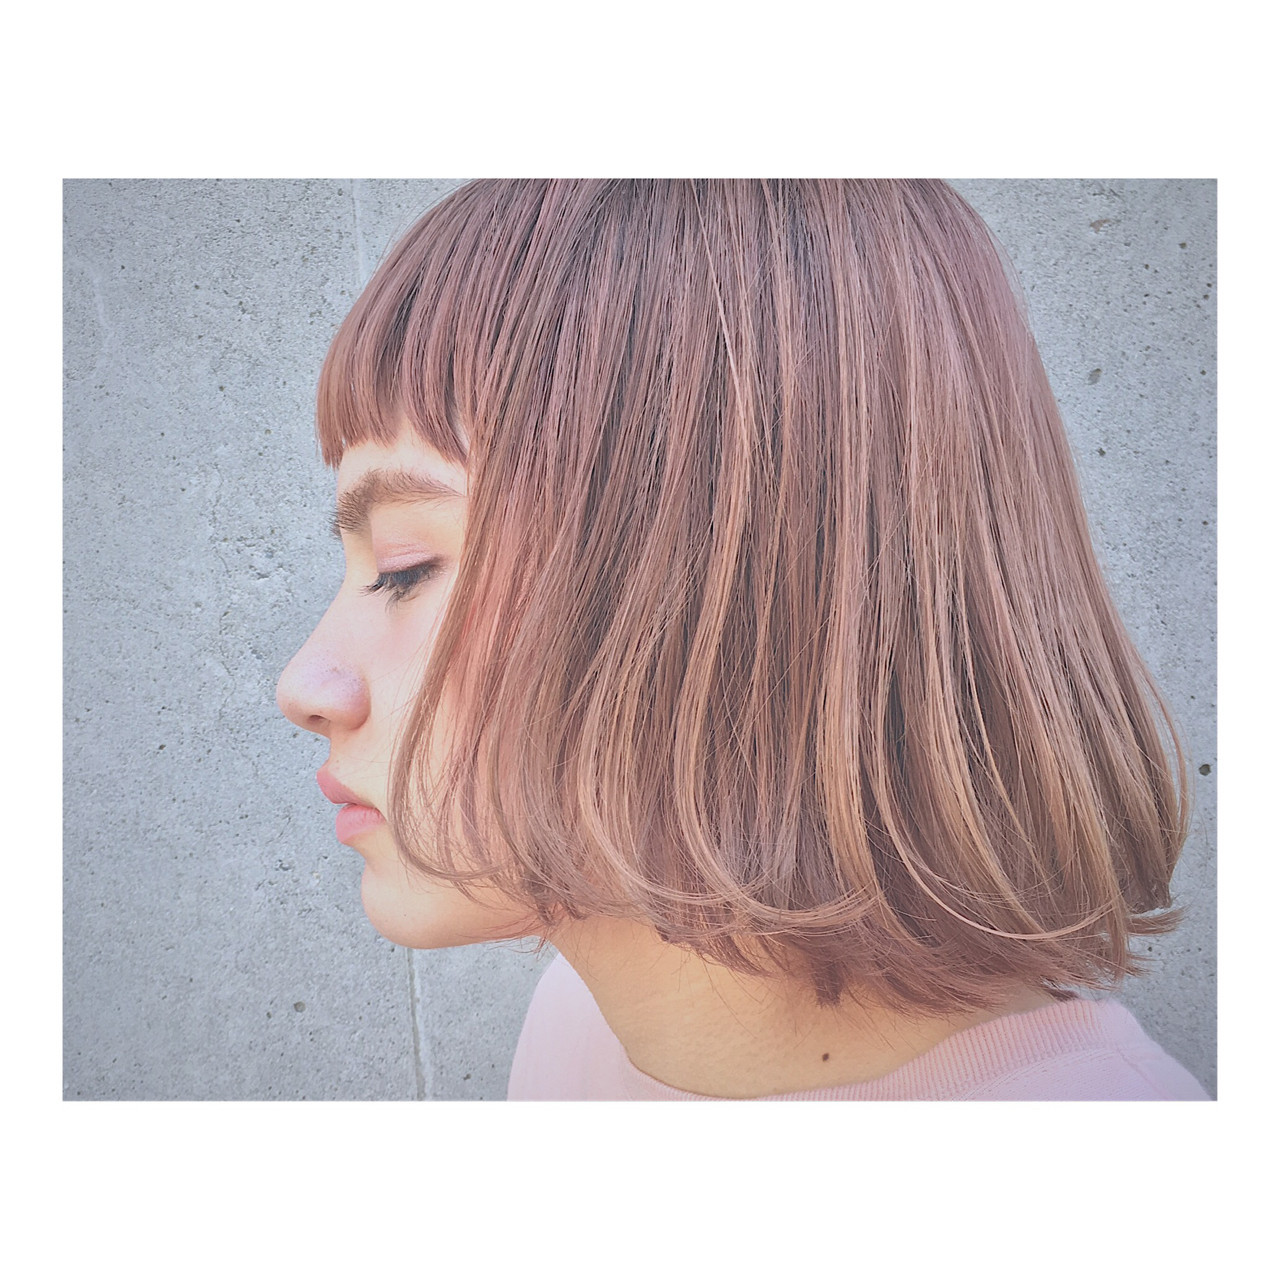 透明感 ストリート ピンク ボブ ヘアスタイルや髪型の写真・画像